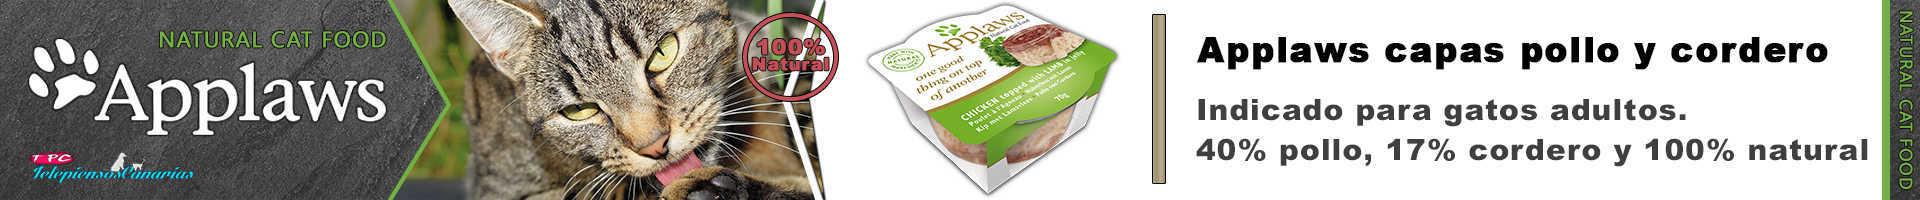 Applaws tasty capas con pollo y cordero